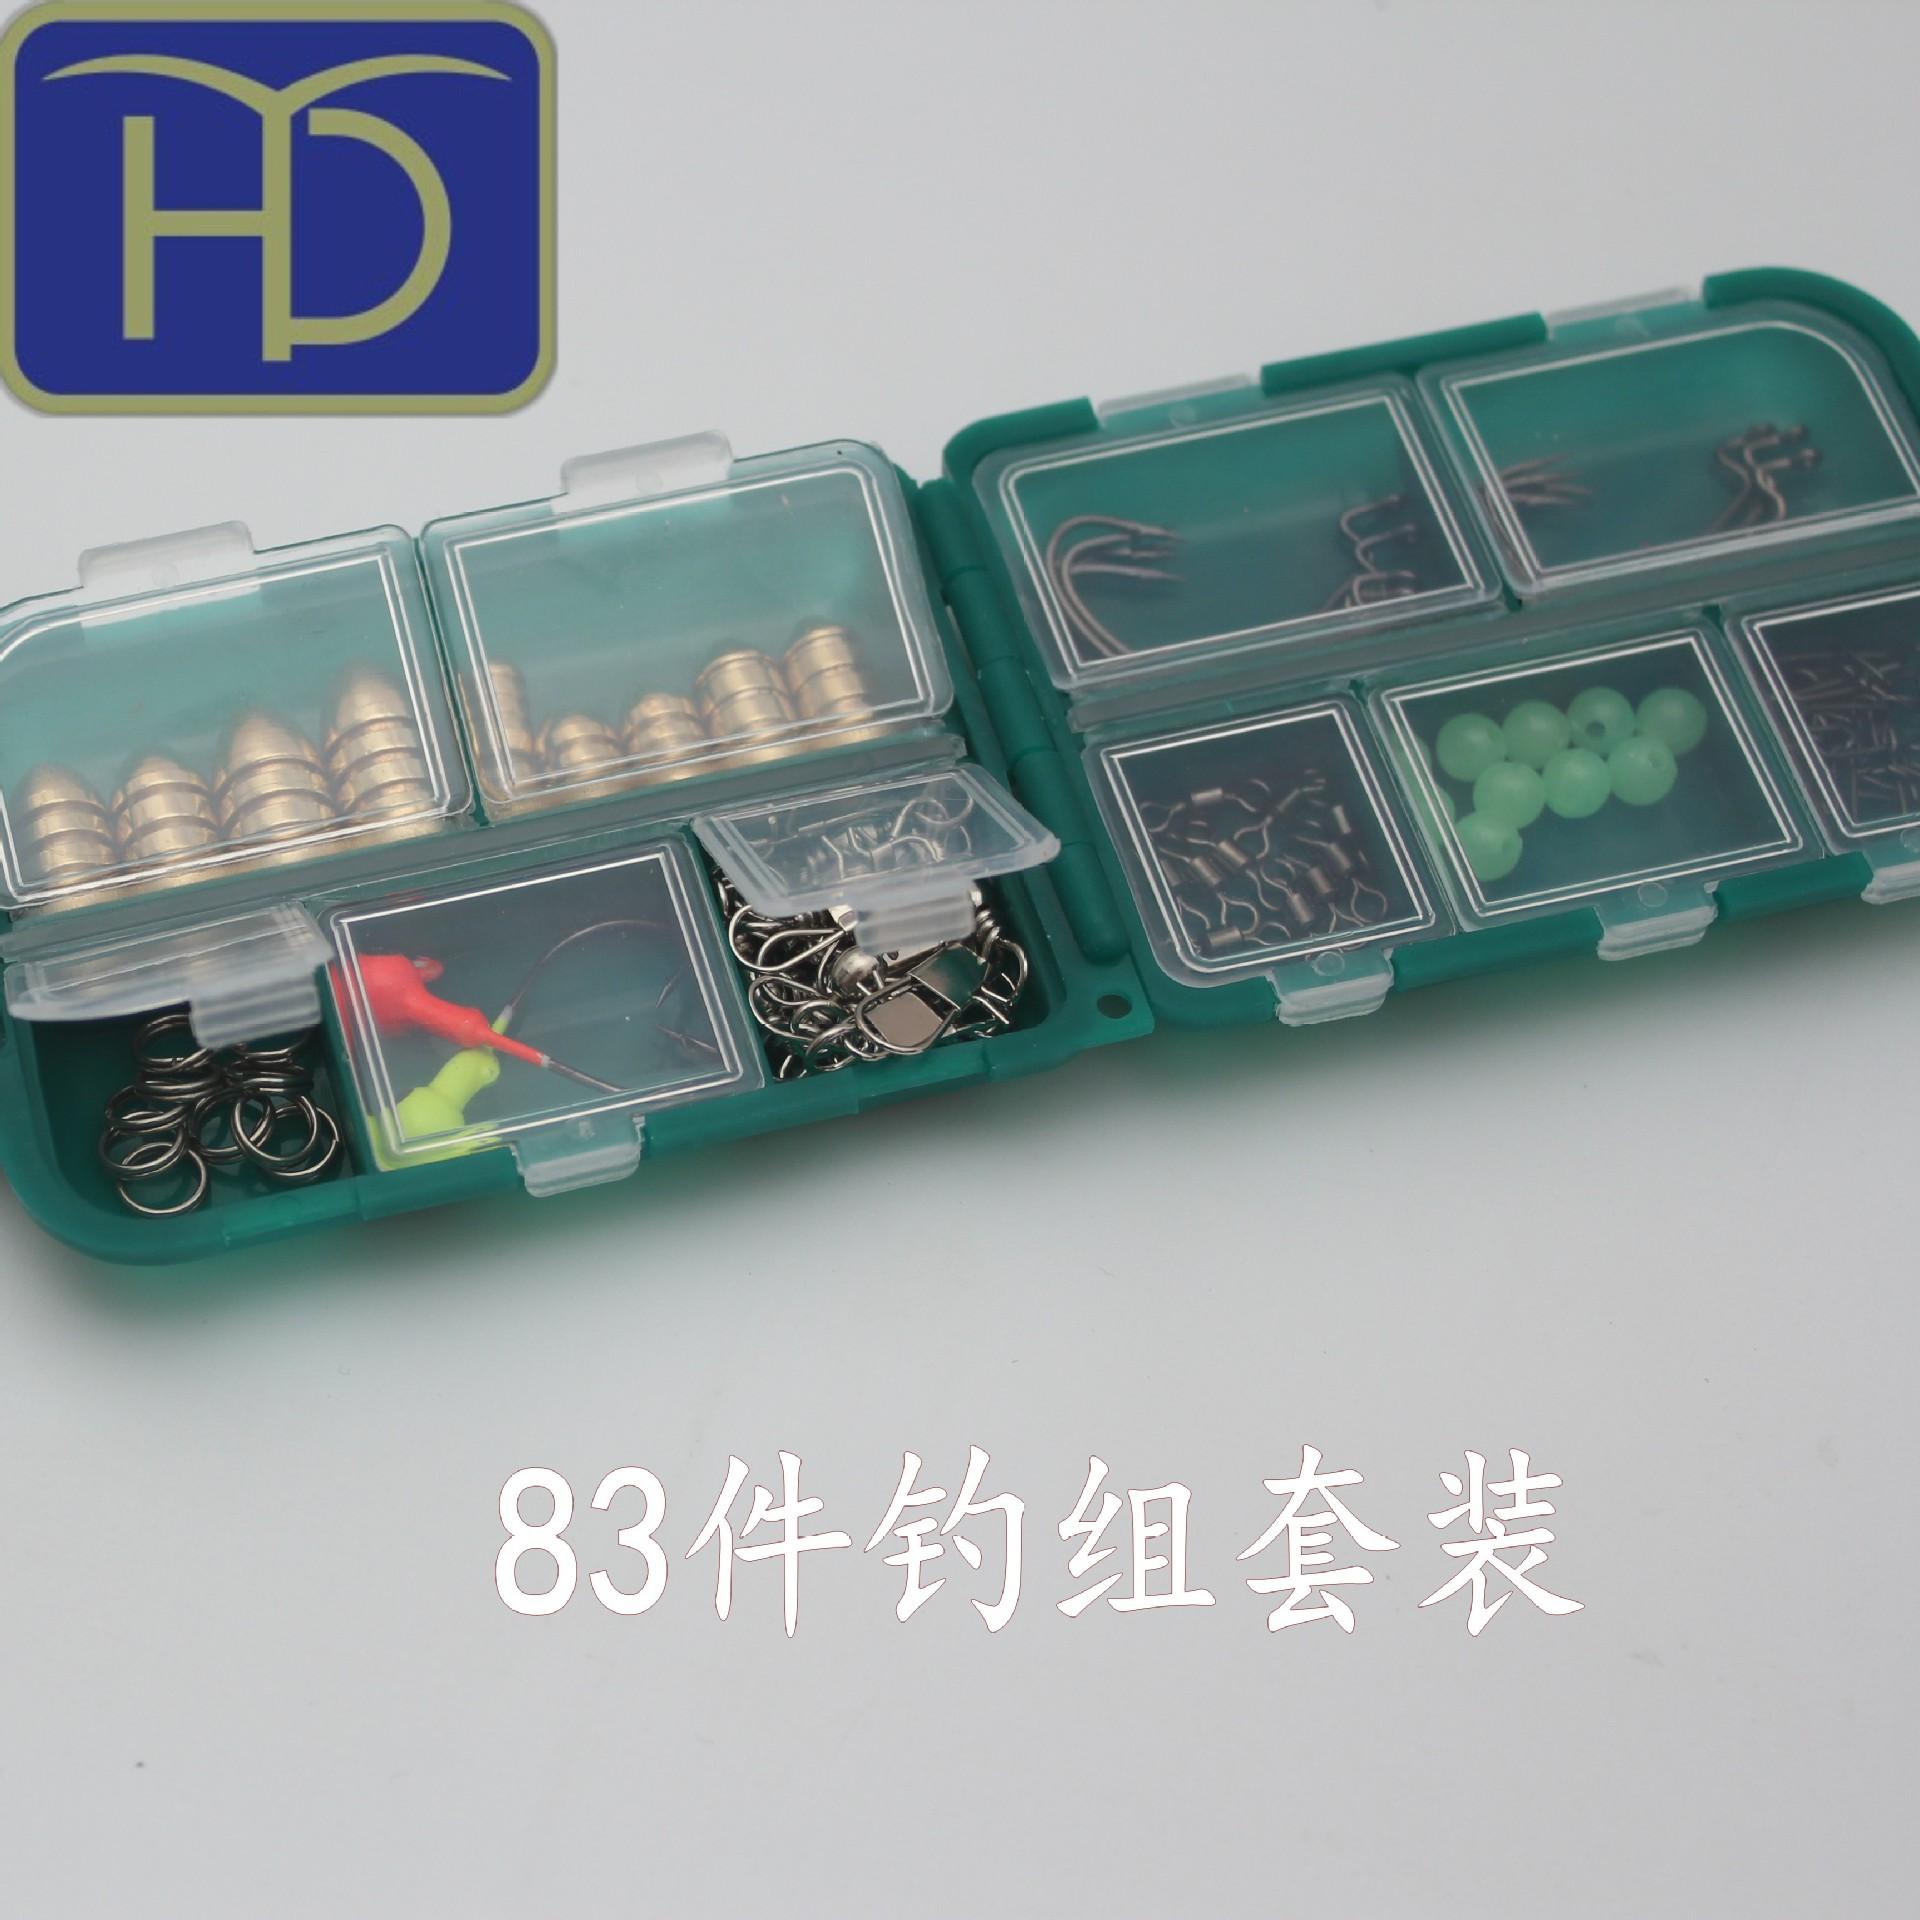 83 модель рыба установите упаковки в картонные коробки медь осень рукоятка крюк американский поворотный бусы двойное кольцо ведущий глава крюк